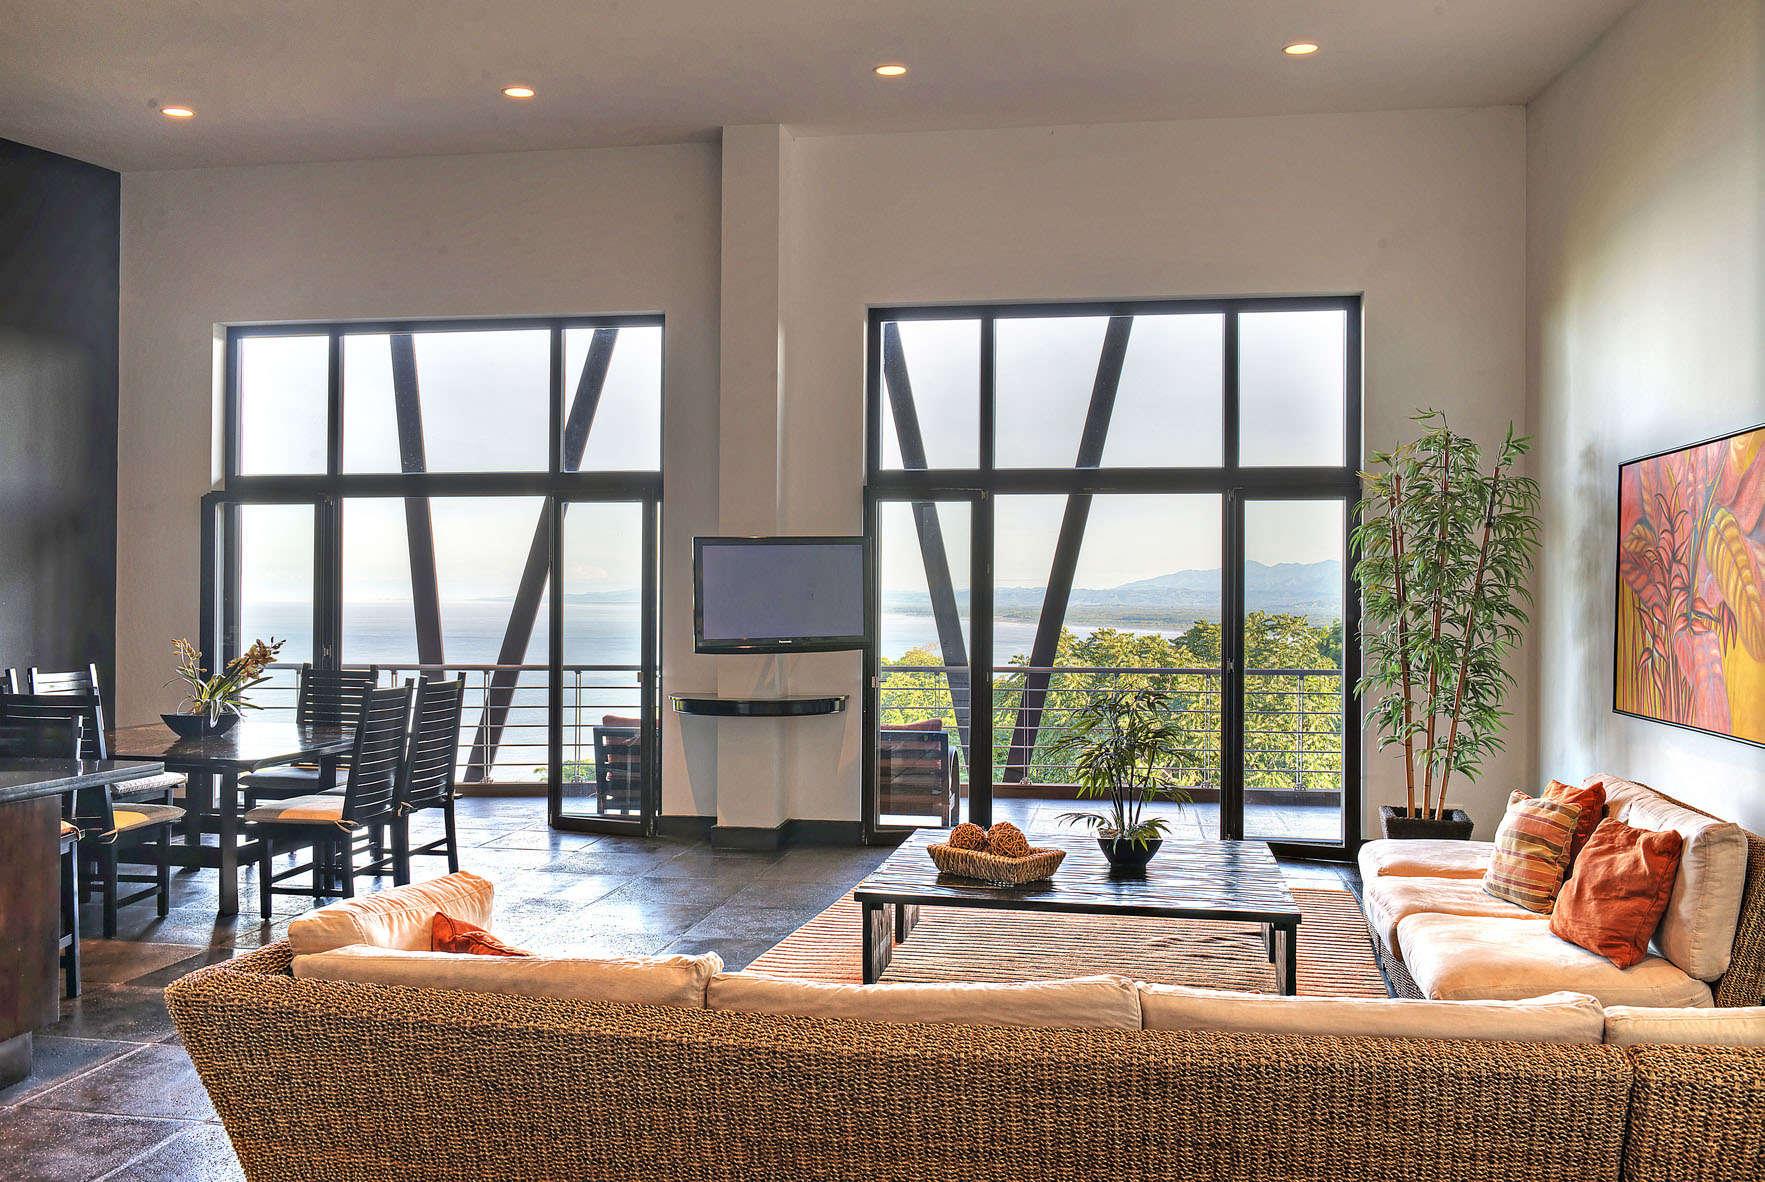 - Penthouse Suites - Image 1/12